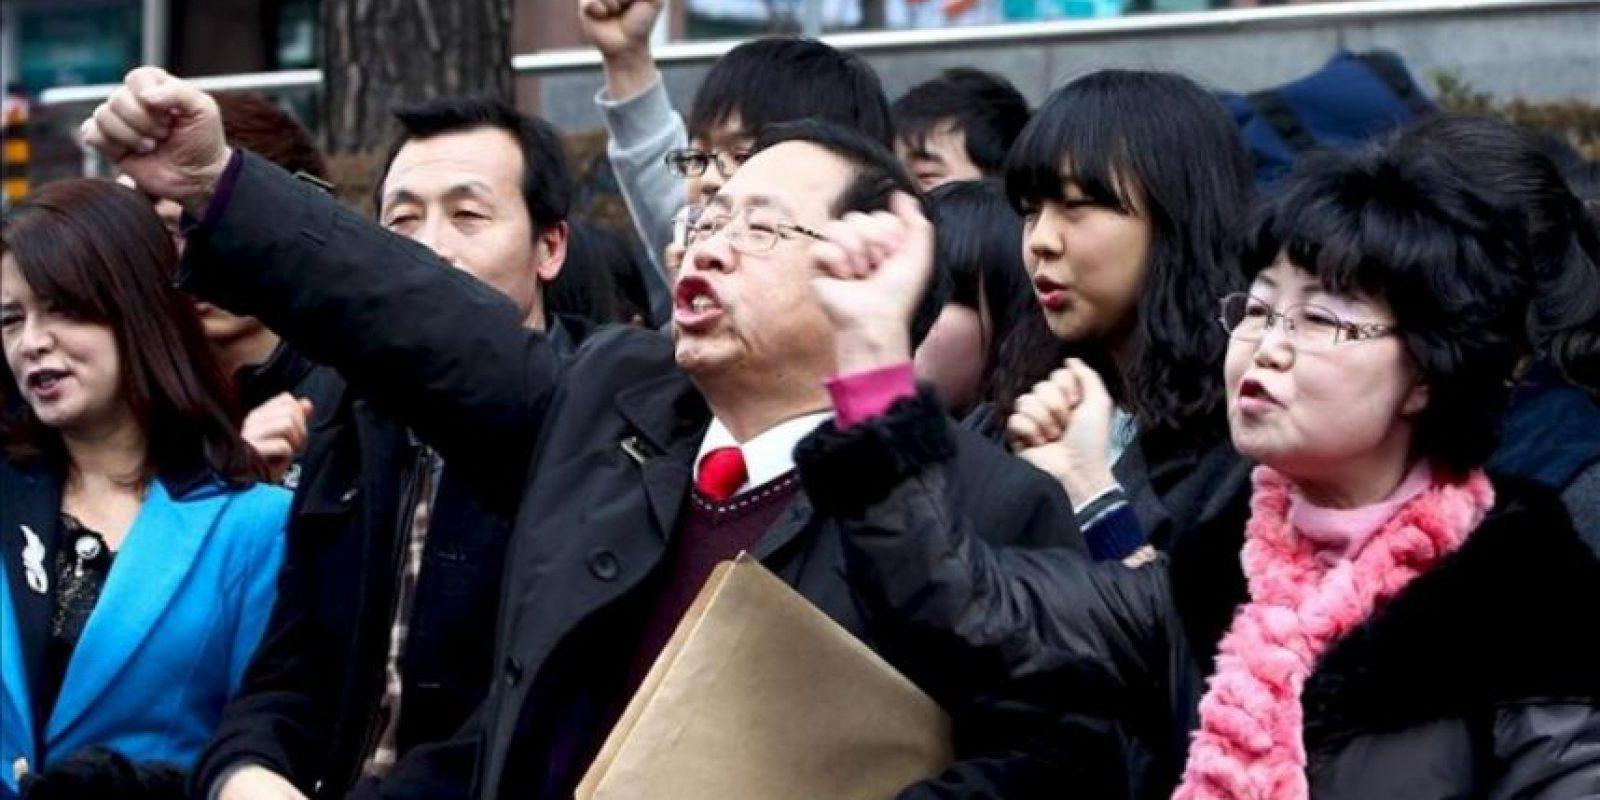 """Activistas conservadores surcoreanos gritan consignas durante una protesta contra la celebración por parte de Japón del """"Día de Takeshima"""", frente a la embajada nipona en Seúl, Corea del Sur, hoy viernes 22 de febrero de 2013. EFE"""